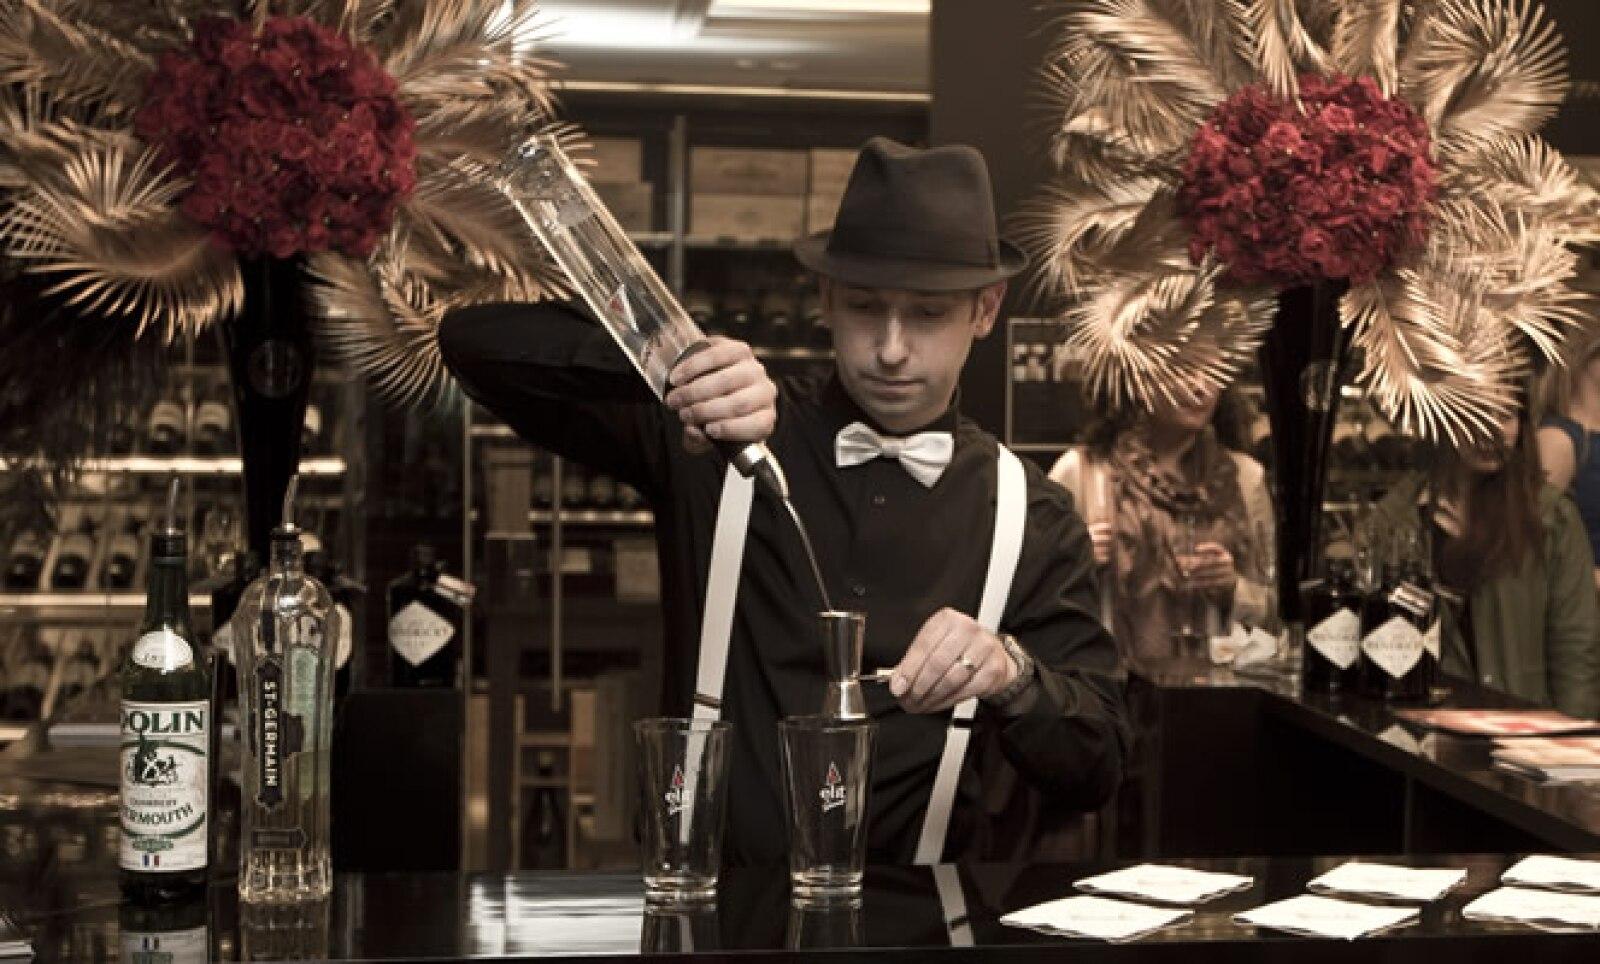 Se trata de la cuarta adaptación de la célebre novela de F. Scott Fitzgerald. Un barman prepara cocteles en el Harrods Tasting Room.